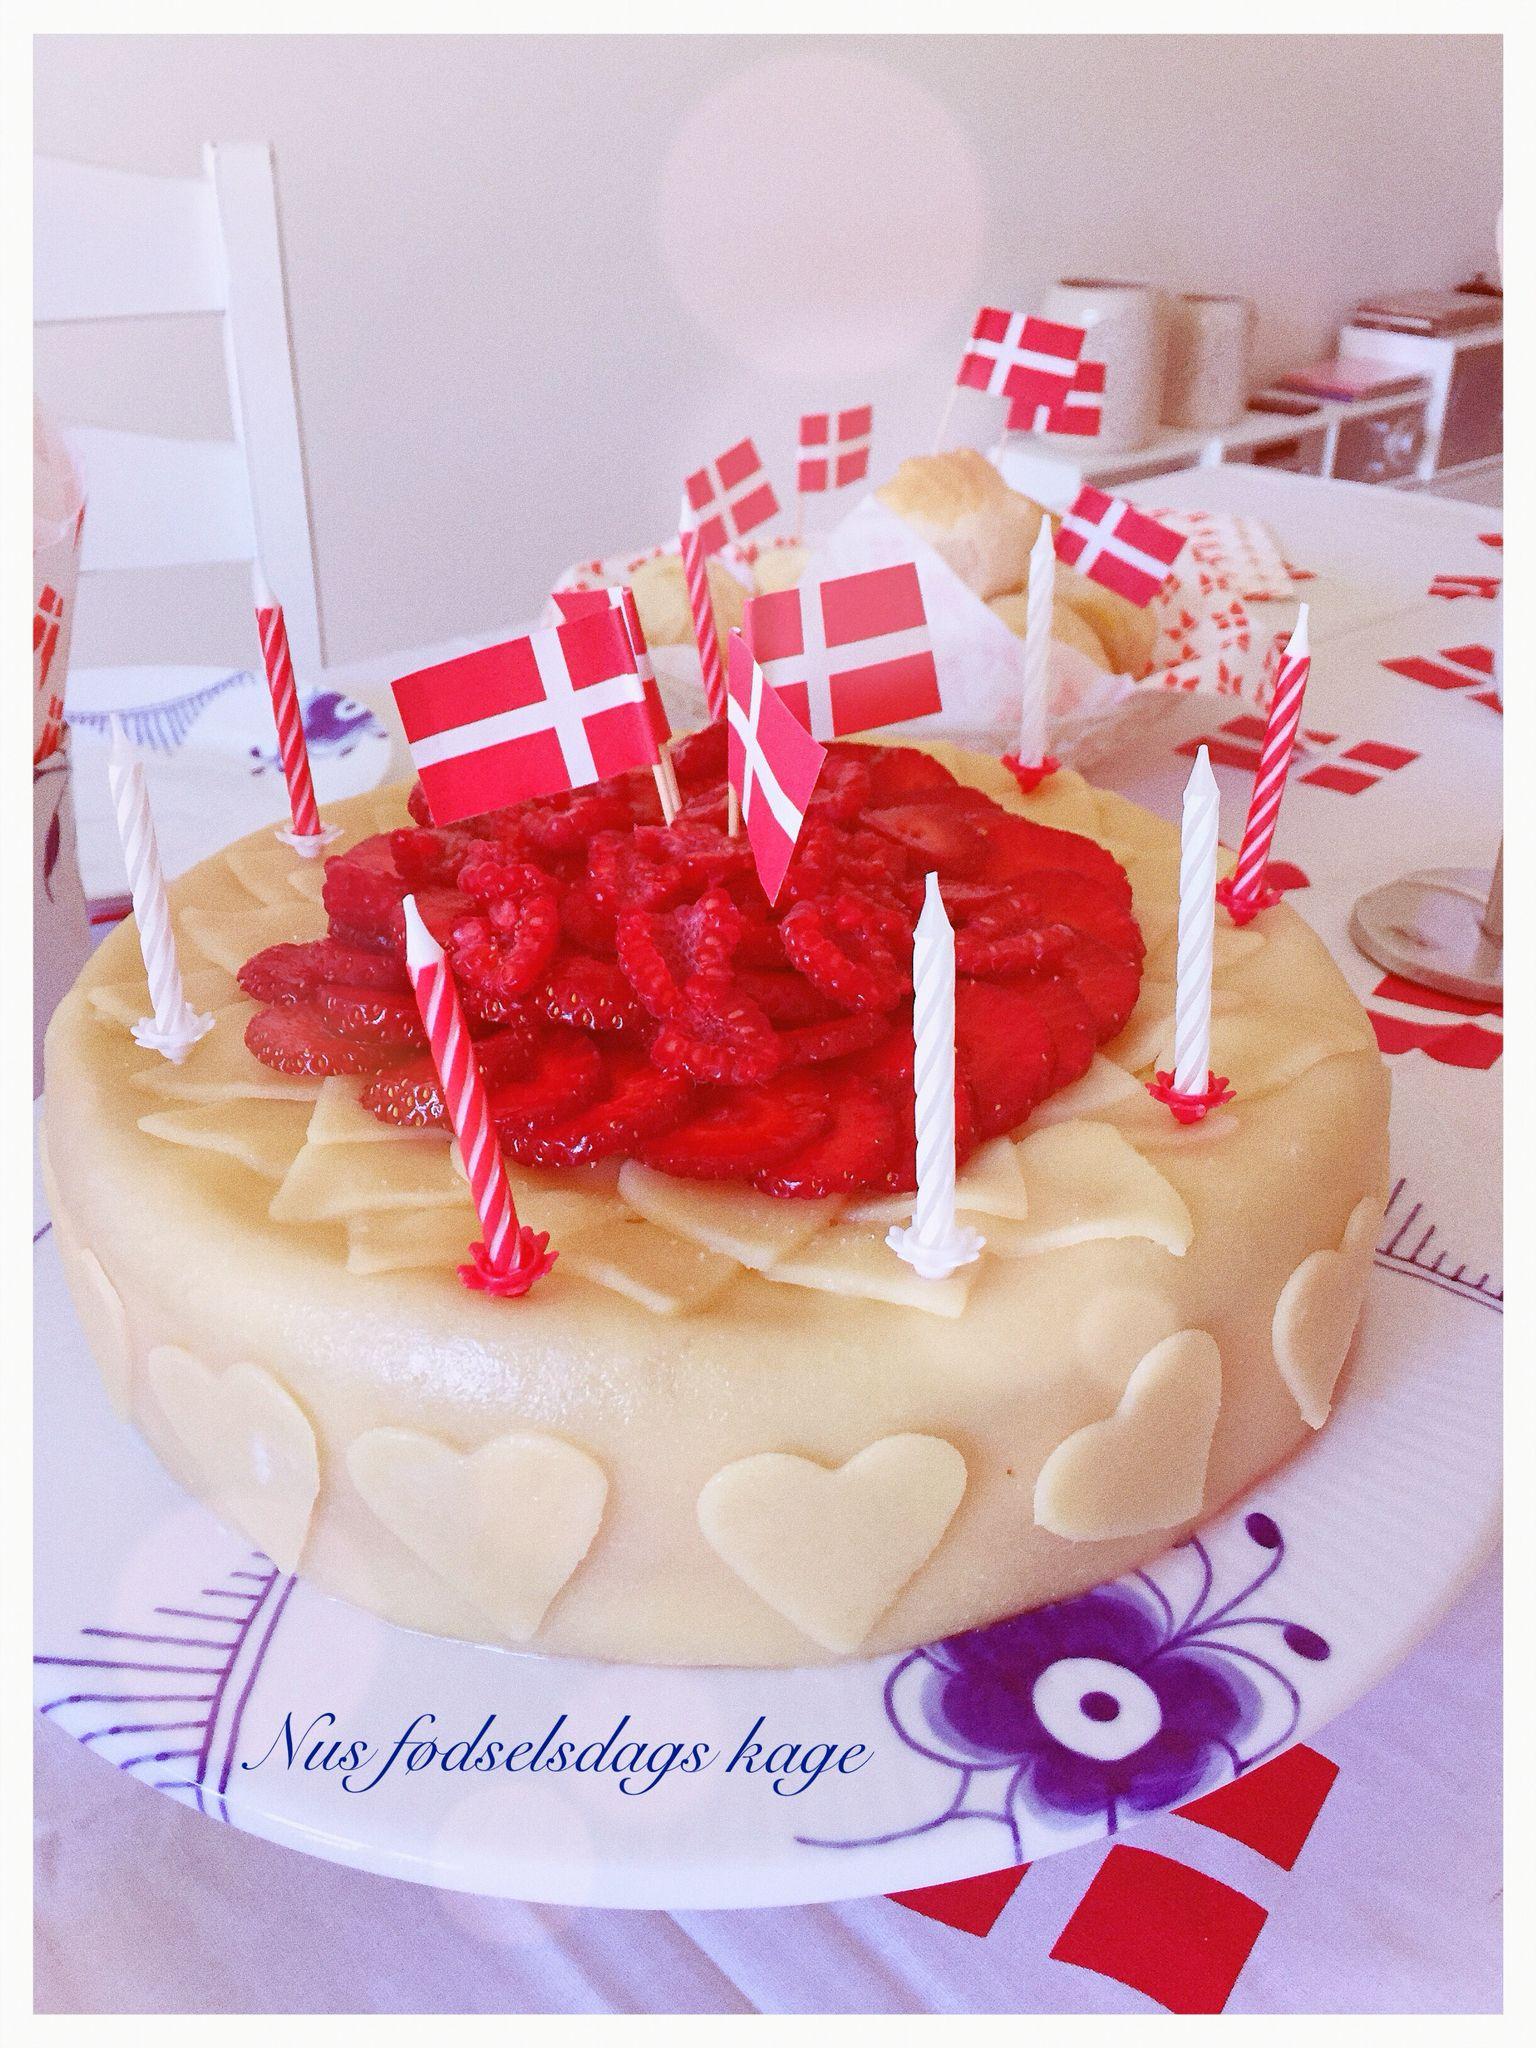 Fødselsdags lagkage 28/7.2016 til min mors fødselsdag